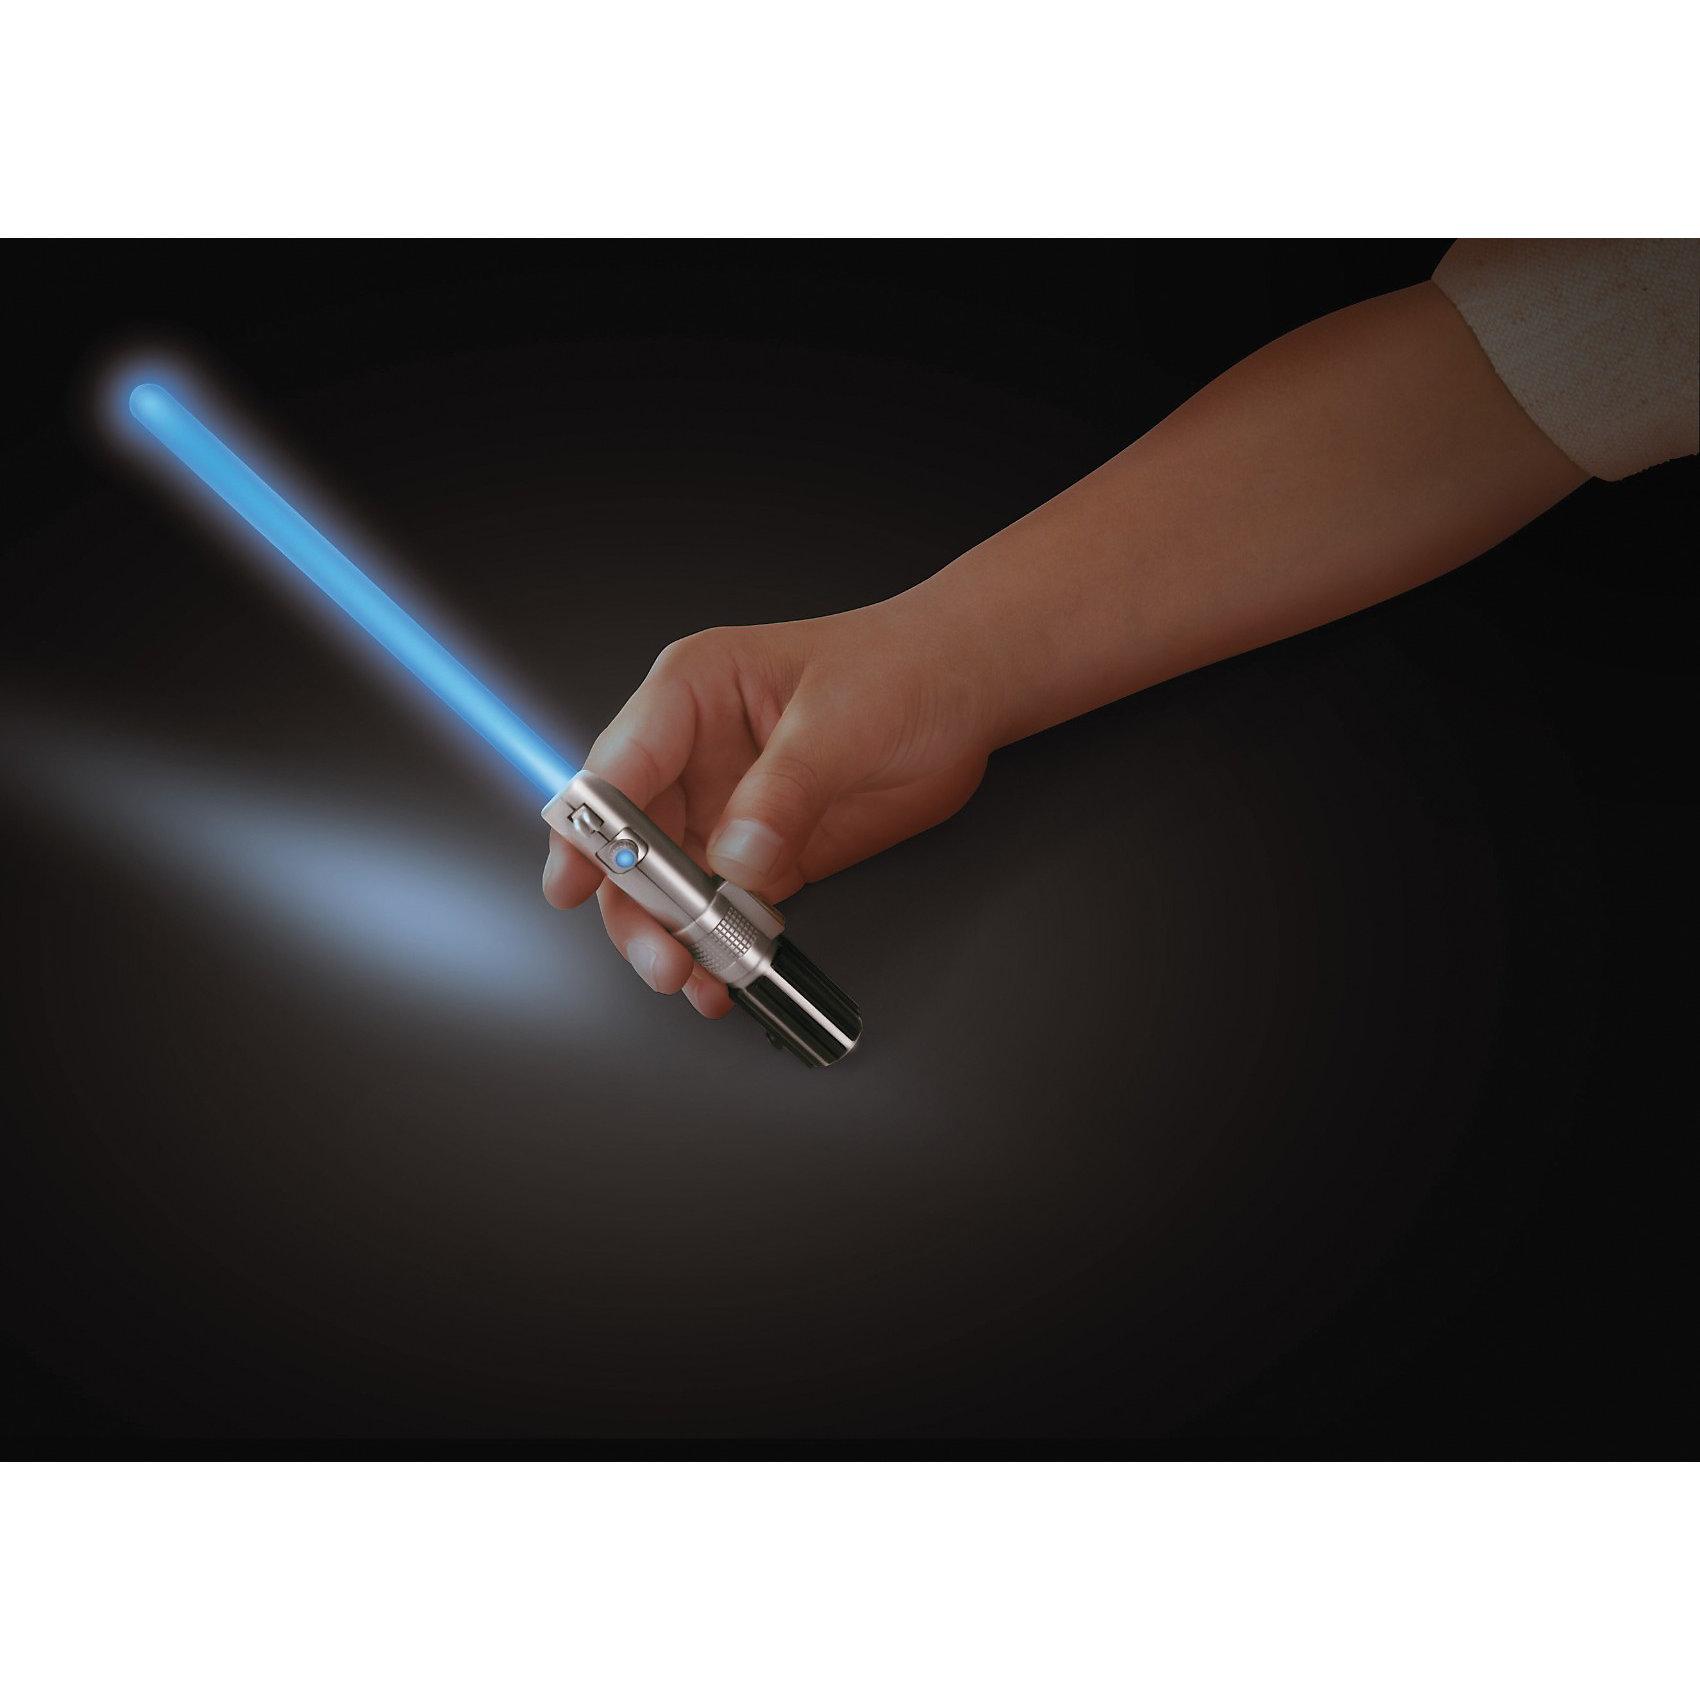 Мини-световой меч (2 сменные линзы, 4 кристалла), Звёздные войныМини-световой меч (2 сменные линзы, 4 кристалла), Звёздные войны – этот мини-меч будет с восторгом встречен ценителем знаменитой саги.<br>Игрушка Star Wars Мини-световой меч непременно понравится любому поклоннику Звездных войн. Меч, выполненный из пластика, собирается из нескольких элементов. В комплекте Вы найдёте фокусировочную и широкоугольную оптические линзы, позволяющие менять направленность лучей, а также 4 сменных цветных кристалла позволяющих выбрать, на чьей стороне ребенок будет сражаться в этот раз - Джедаев или Ситхов. Дизайн рукоятки копирует световой меч Энакина Скайуокера.<br><br>Дополнительная информация:<br><br>- В наборе: детали меча, 2 вида сменных линз, 4 кристалла<br>- Цвета меча: красный, фиолетовый, синий, зеленый.<br>- Размер меча: 21,6 x 1,7 x 1,7 см..<br>- Материал: пластик<br>- Батарейки: 3 типа AG5 (LR48) (входят в комплект)<br>- Размер упаковки: 25 х 18 х 4 см.<br>- Вес: 150 гр.<br><br>Мини-световой меч (2 сменные линзы, 4 кристалла), Звёздные войны можно купить в нашем интернет-магазине.<br><br>Ширина мм: 257<br>Глубина мм: 180<br>Высота мм: 43<br>Вес г: 112<br>Возраст от месяцев: 36<br>Возраст до месяцев: 96<br>Пол: Мужской<br>Возраст: Детский<br>SKU: 2283435